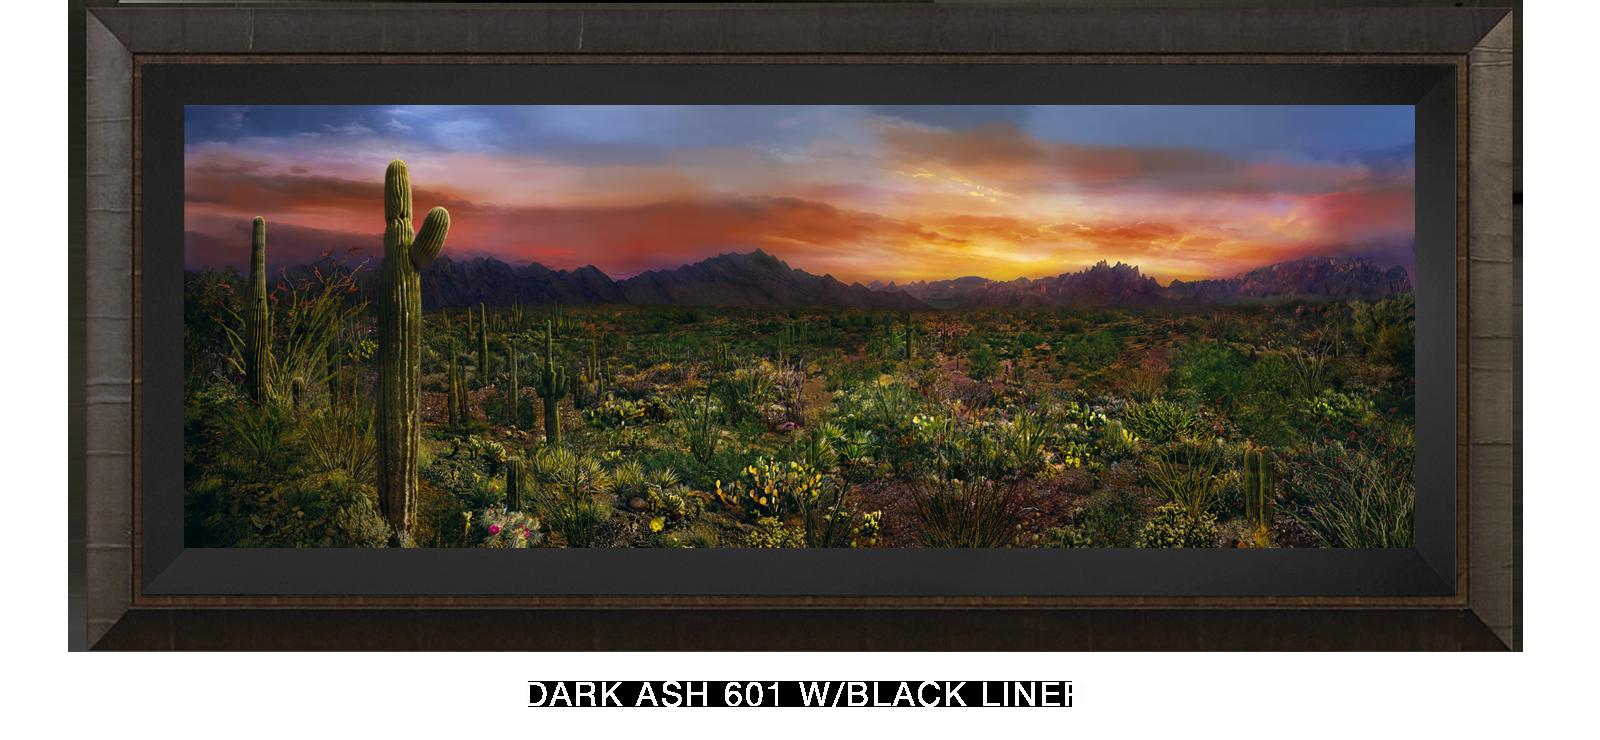 26EDEN VERNALIS Dark Ash 601 w_Blk Liner T